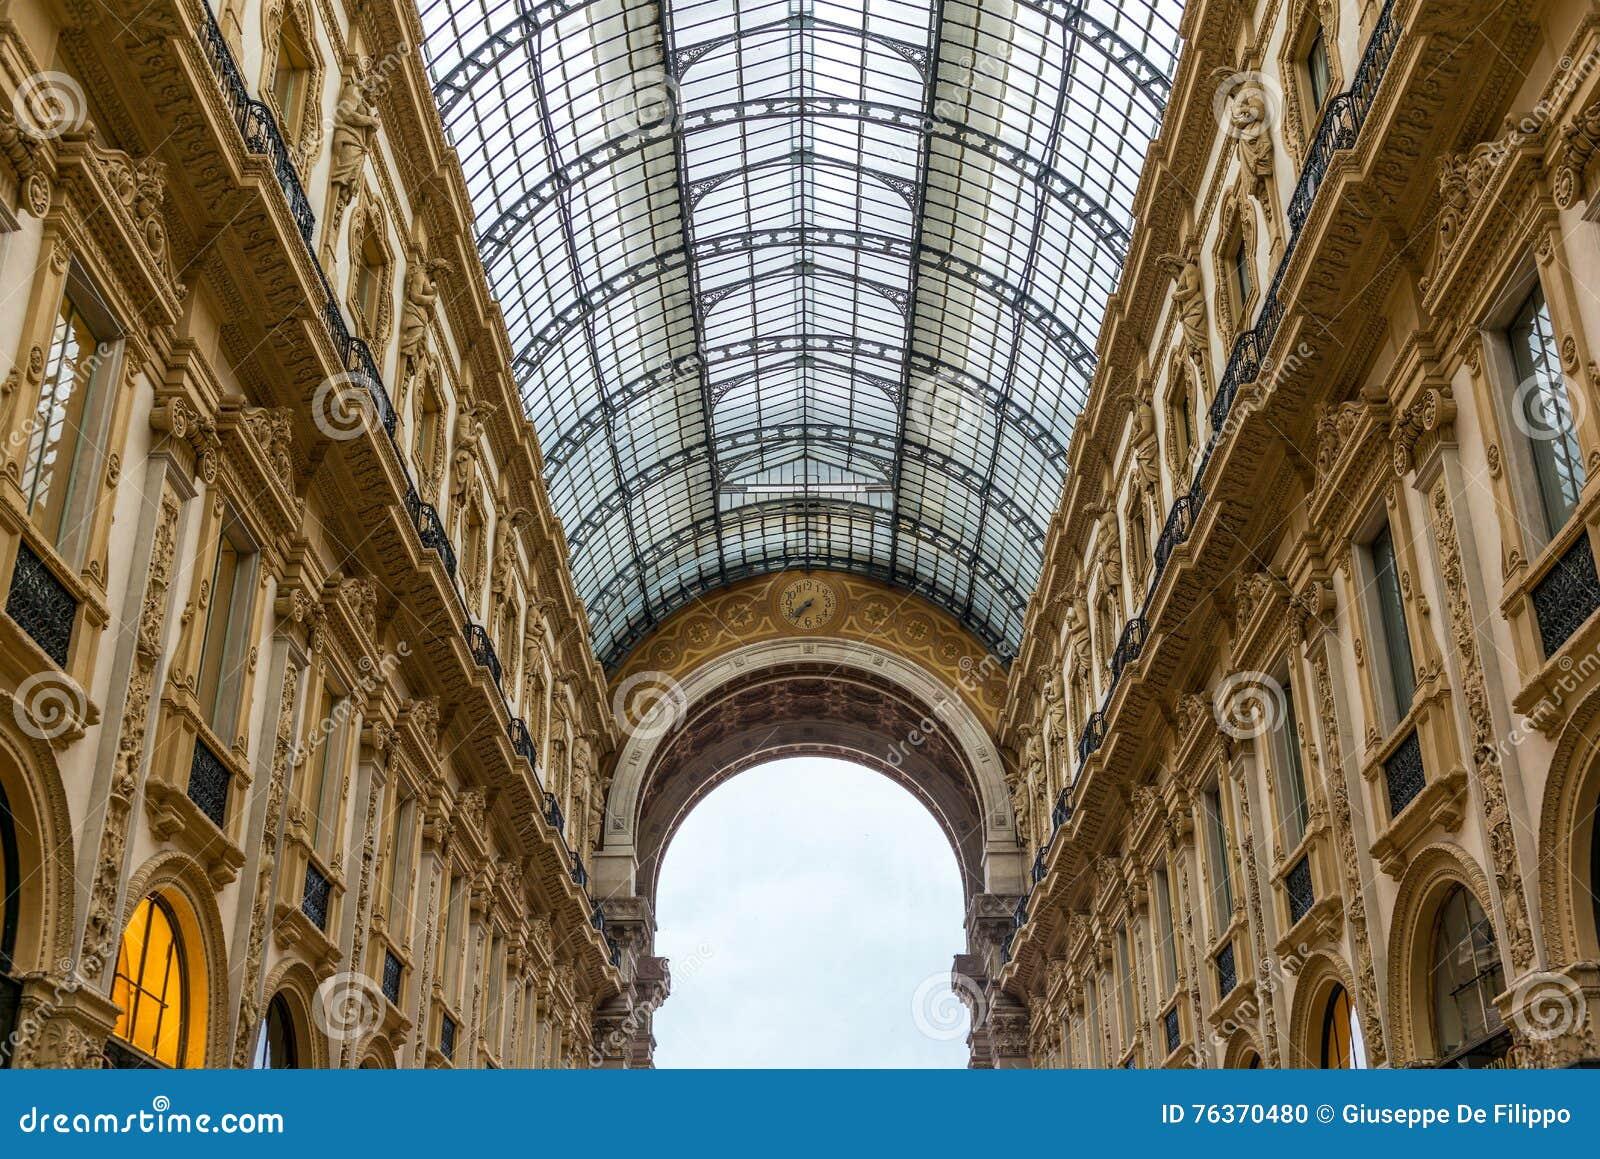 Άποψη Galleria Vittorio Emanuele στο Μιλάνο - 4